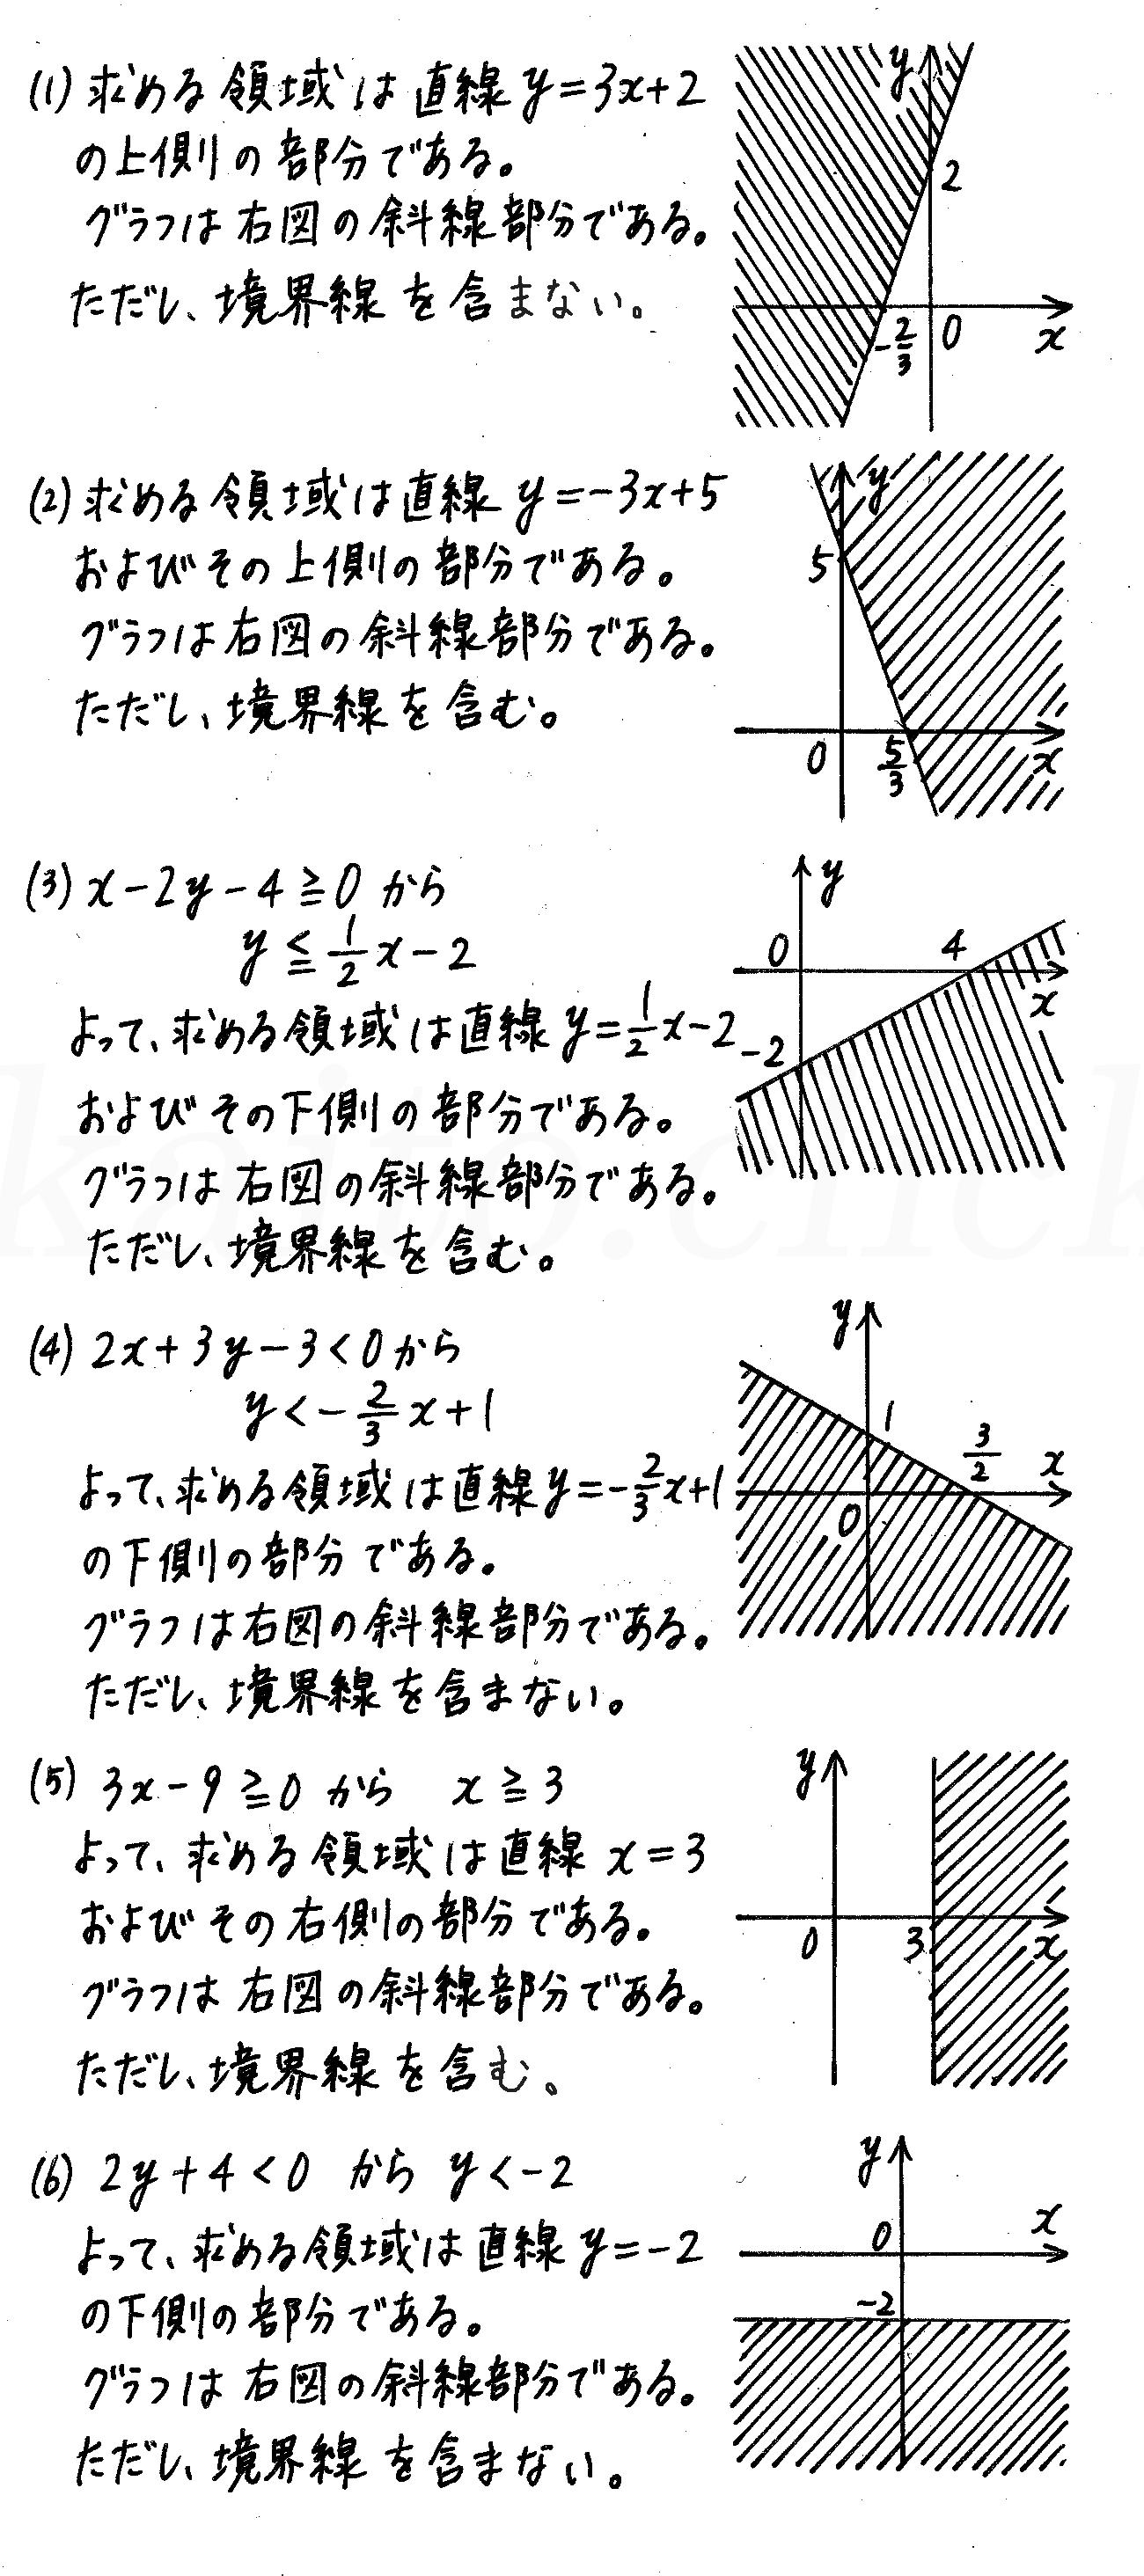 4STEP数学2-222解答